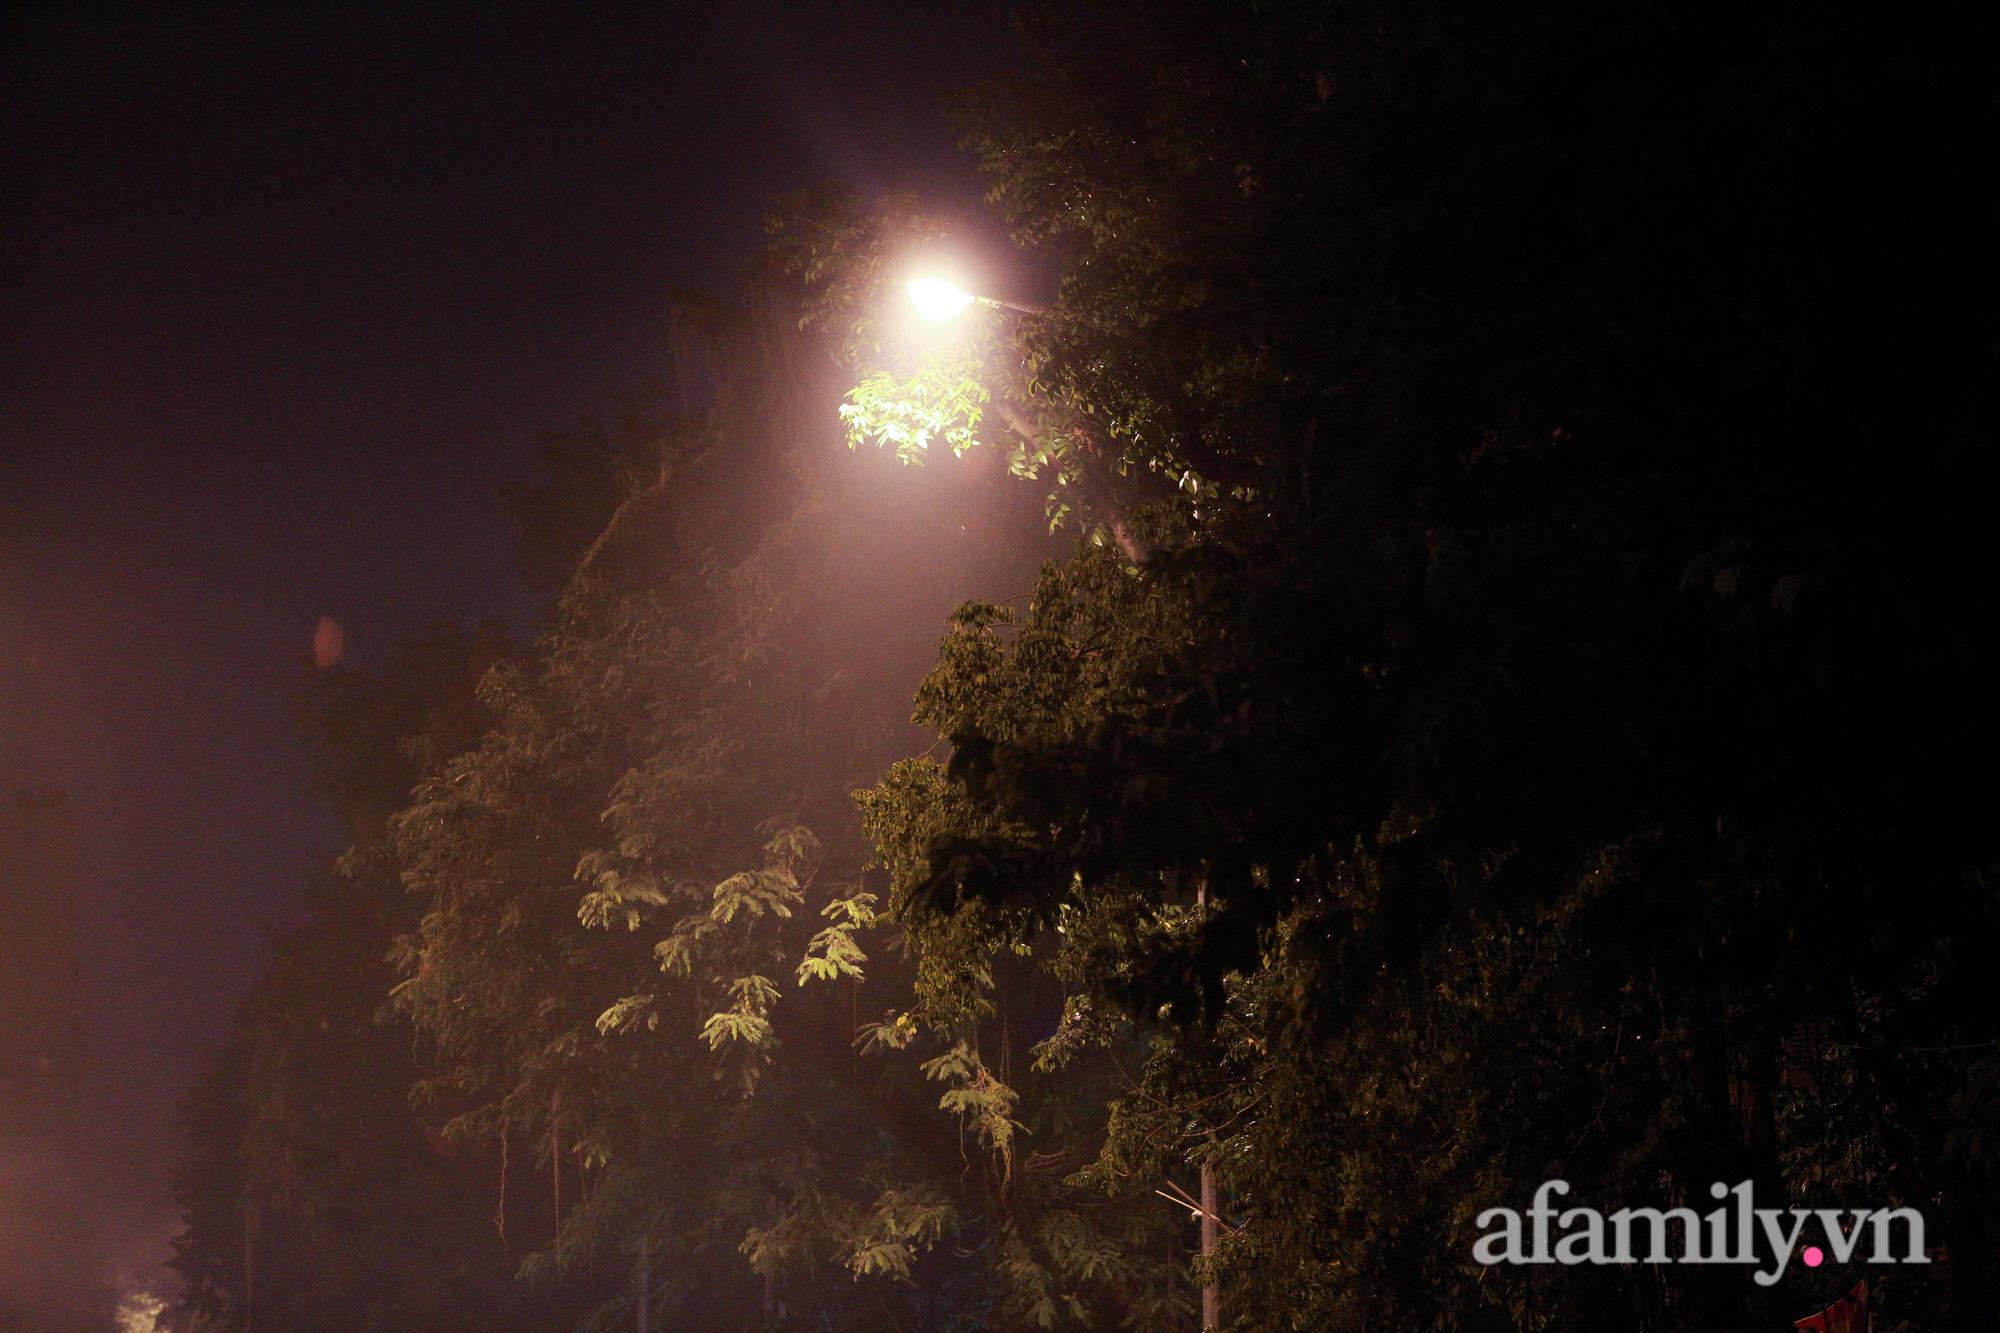 Bầu trời Hà Nội mù mịt giữa đêm khuya  - Ảnh 12.